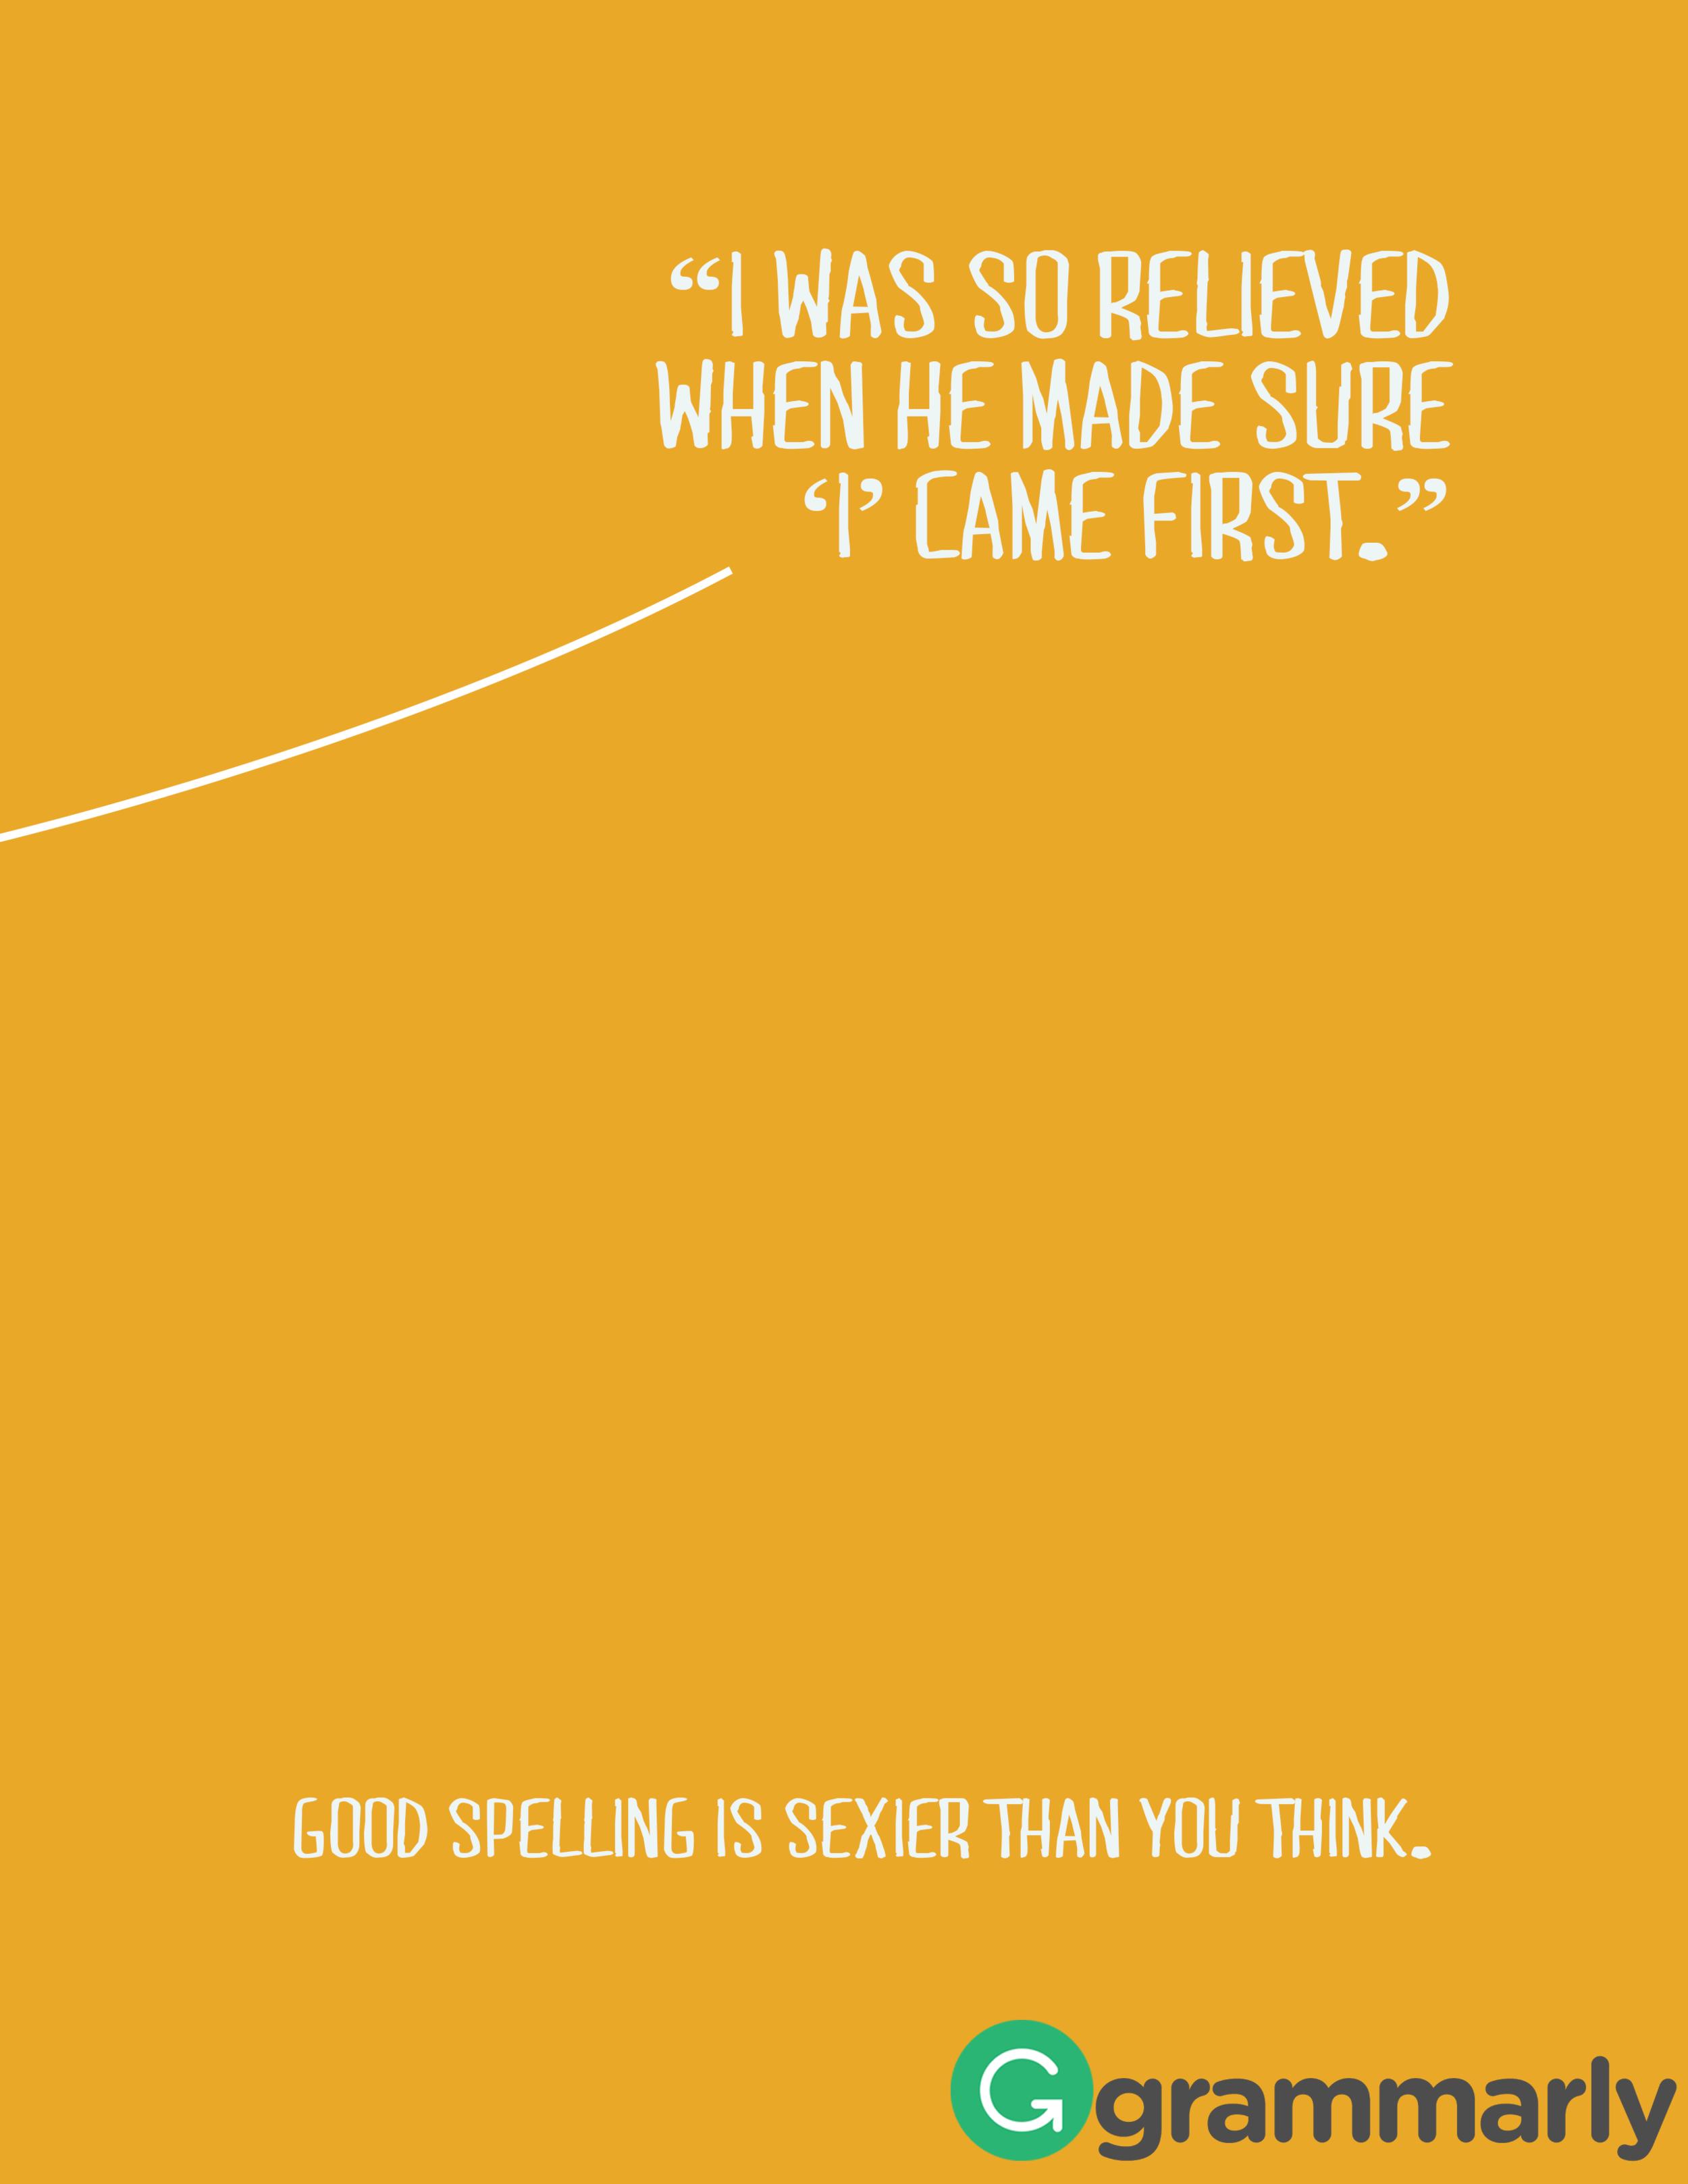 Grammarly - RelievedPrint.jpg